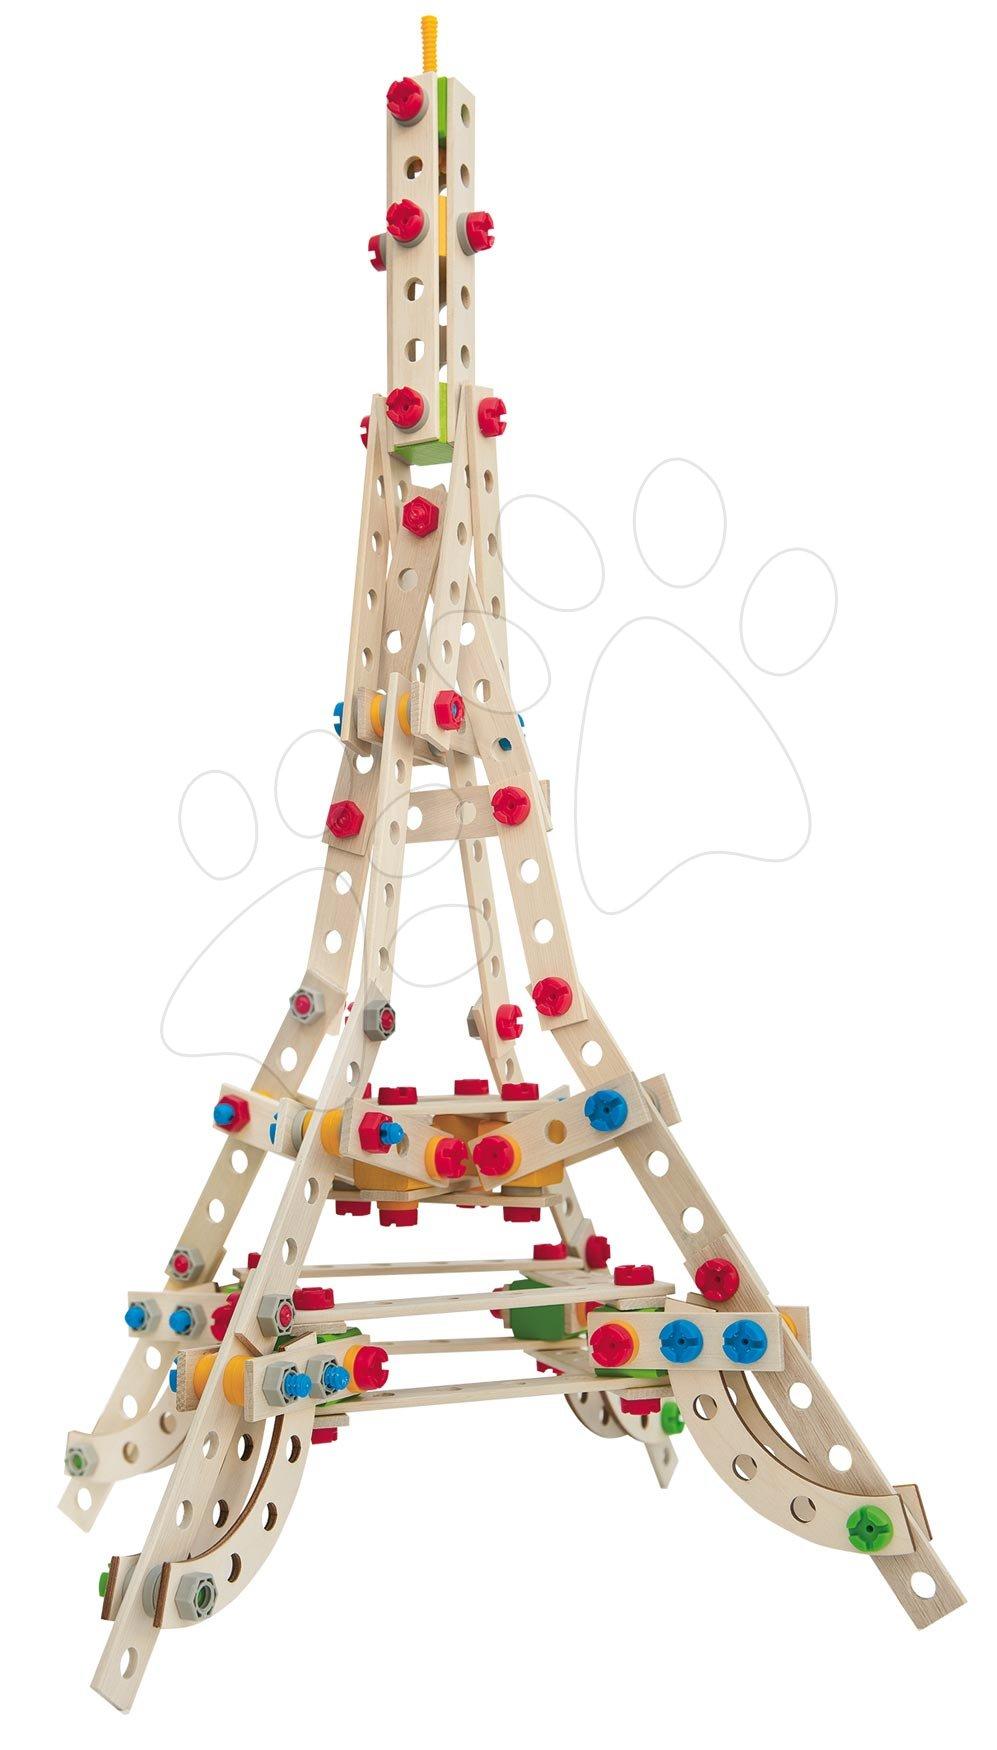 Dřevěná stavebnice Eiffelova věž Constructor Eiffel Tower Eichhorn 3 modely (Eiffelova věž, větrný mlýn, Vítězný oblouk) 315 dílů od 6 let